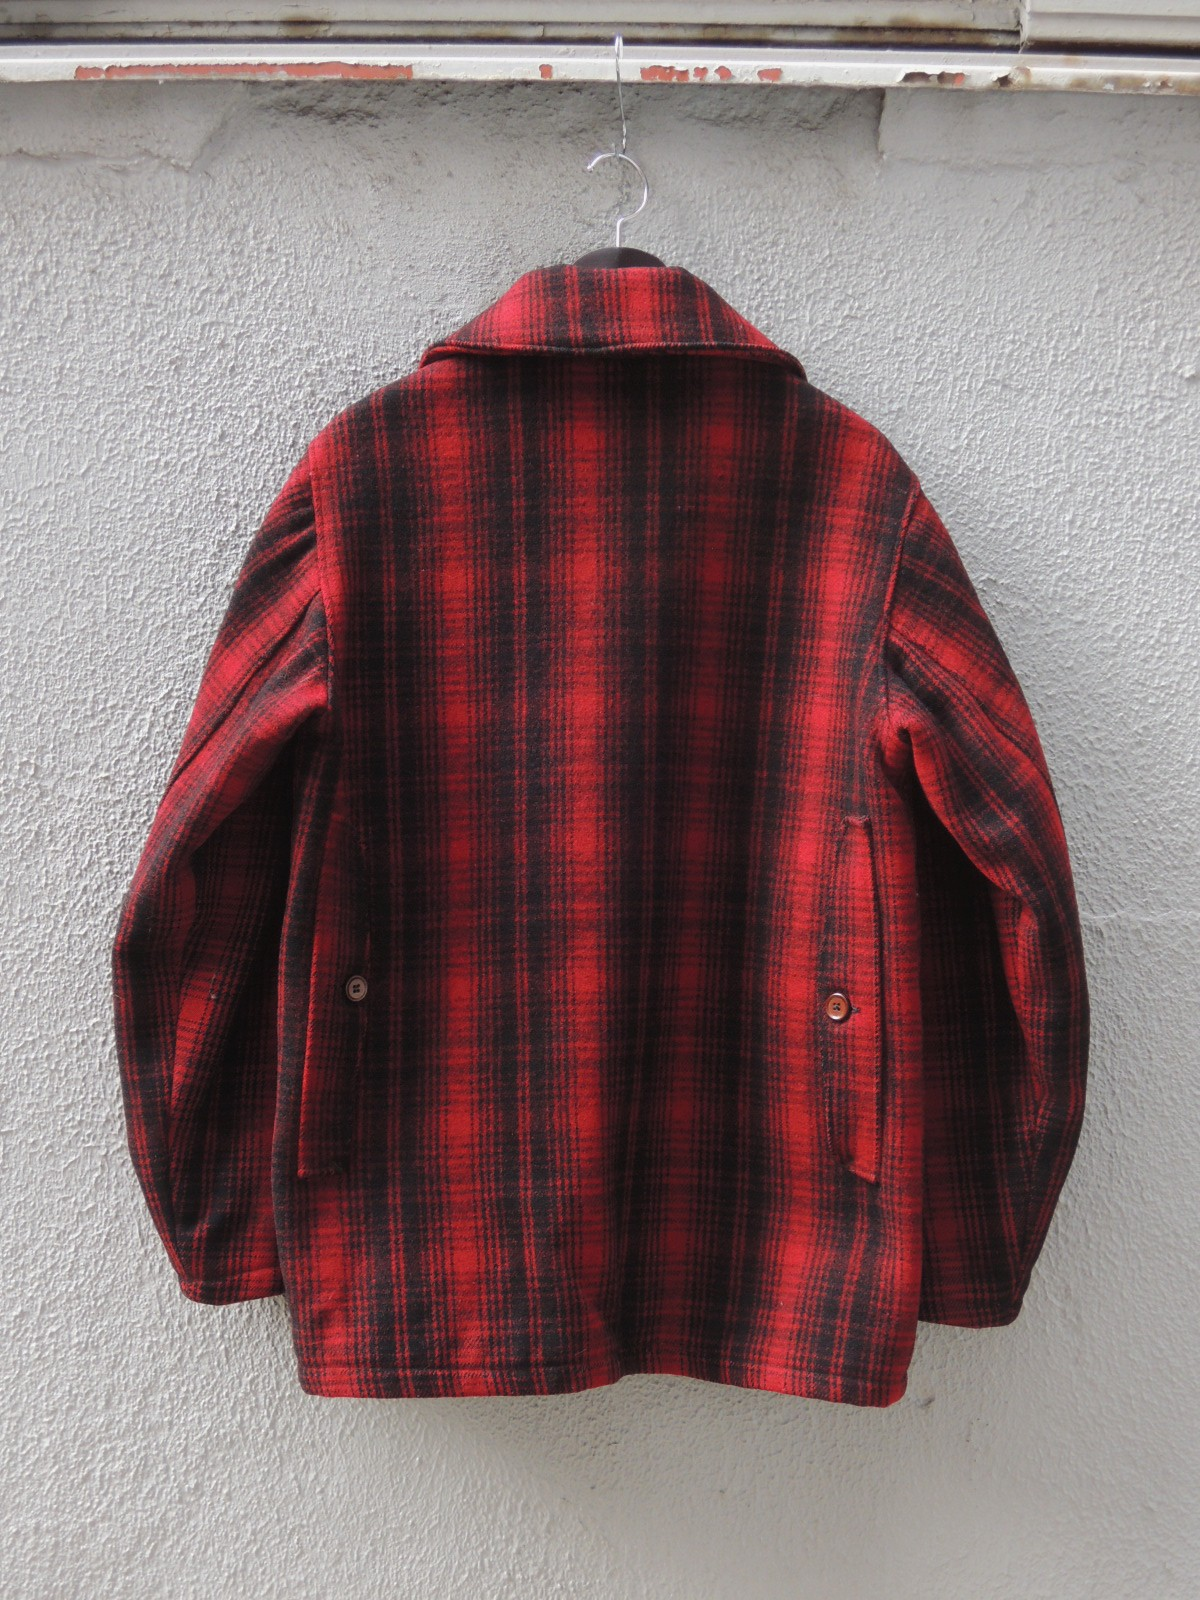 woolrichhuntingjacket_05.JPG